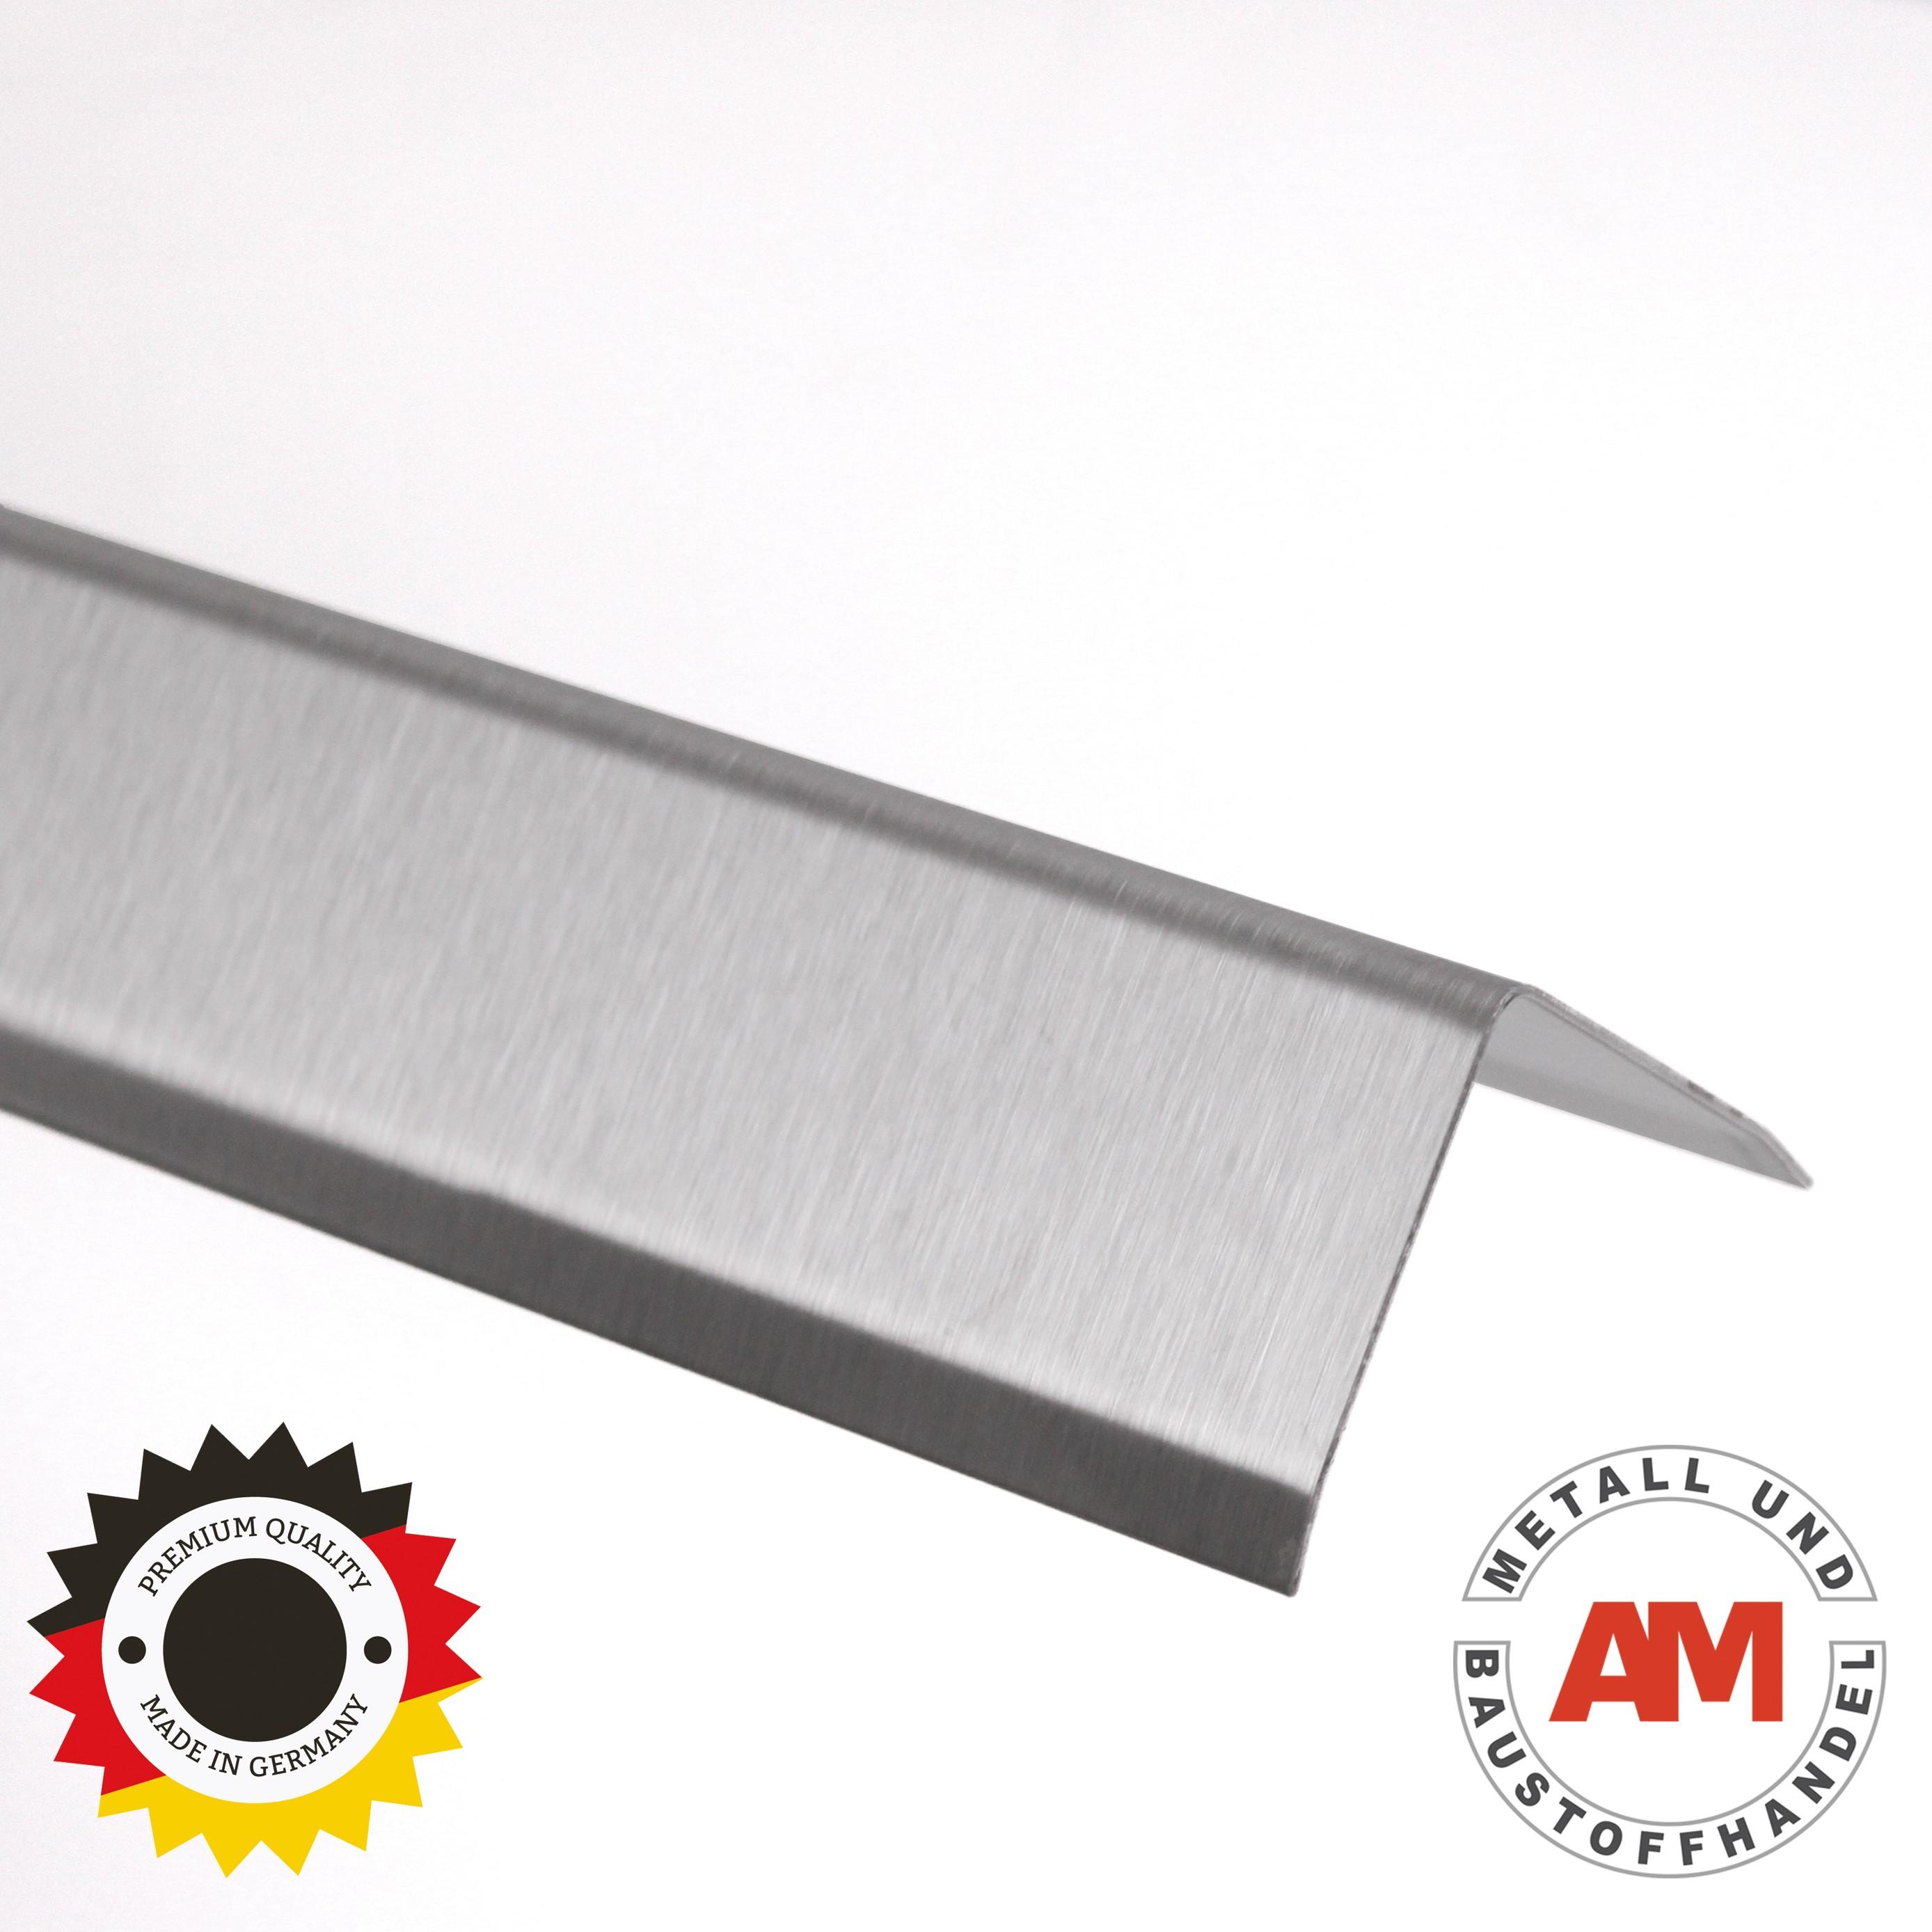 Edelstahl Winkel 3-fach gekantet K240 geschliffen